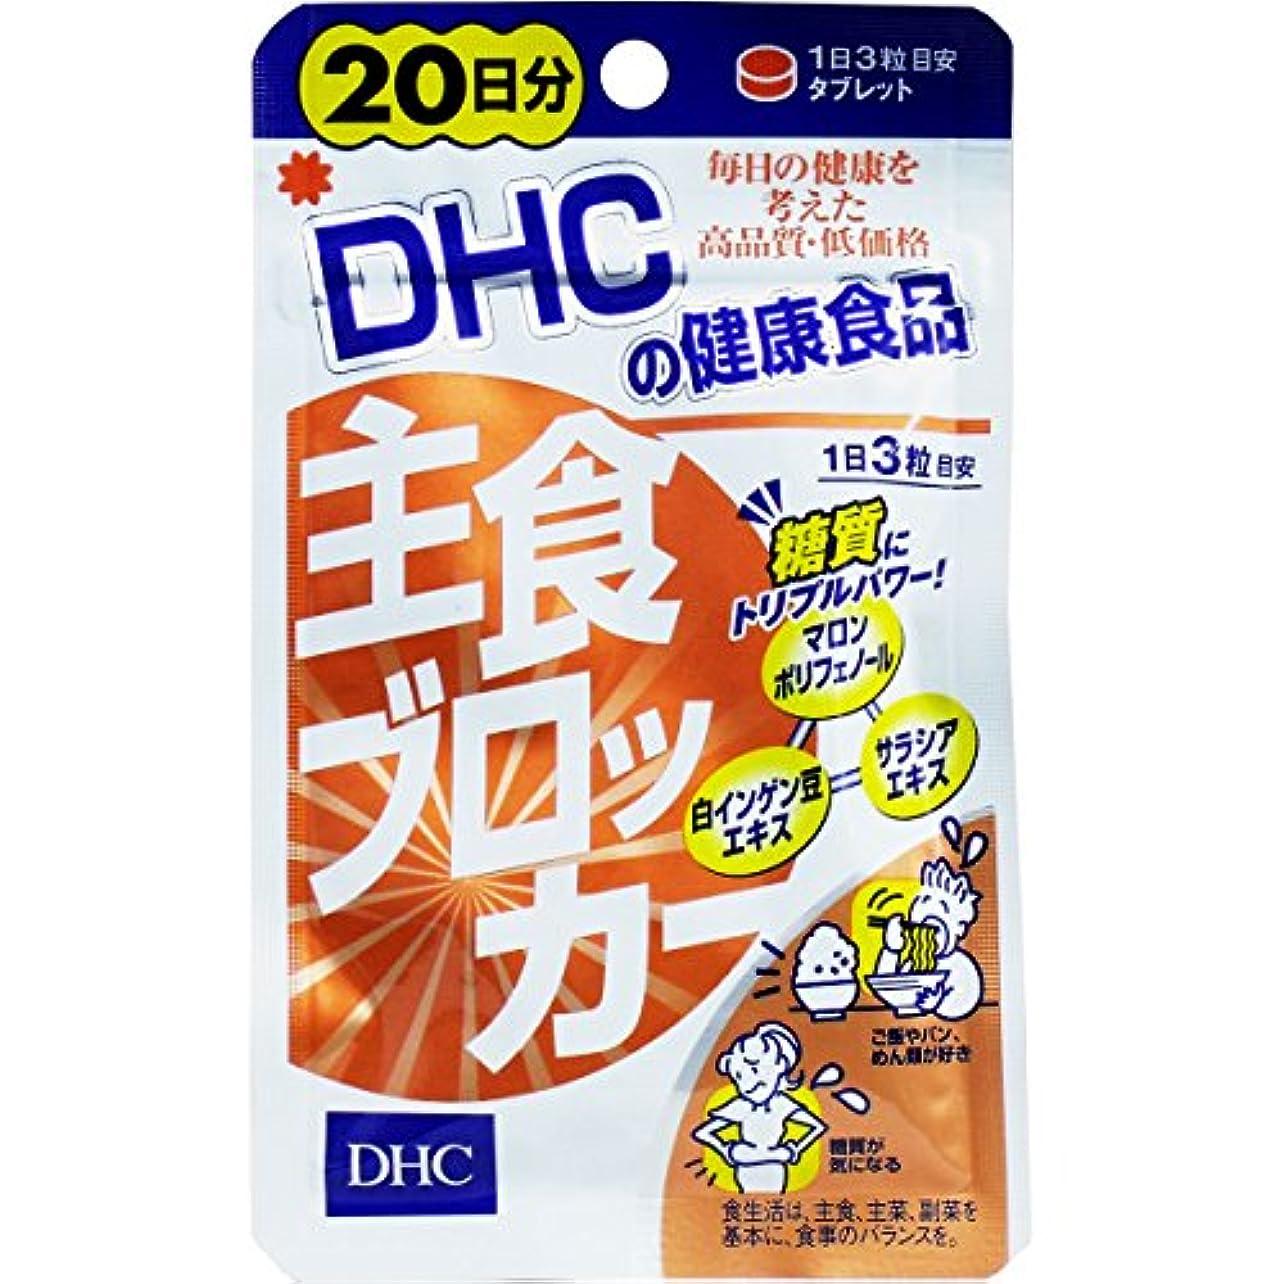 警告する下手会員【DHC】主食ブロッカー 20日分 60粒 ×10個セット